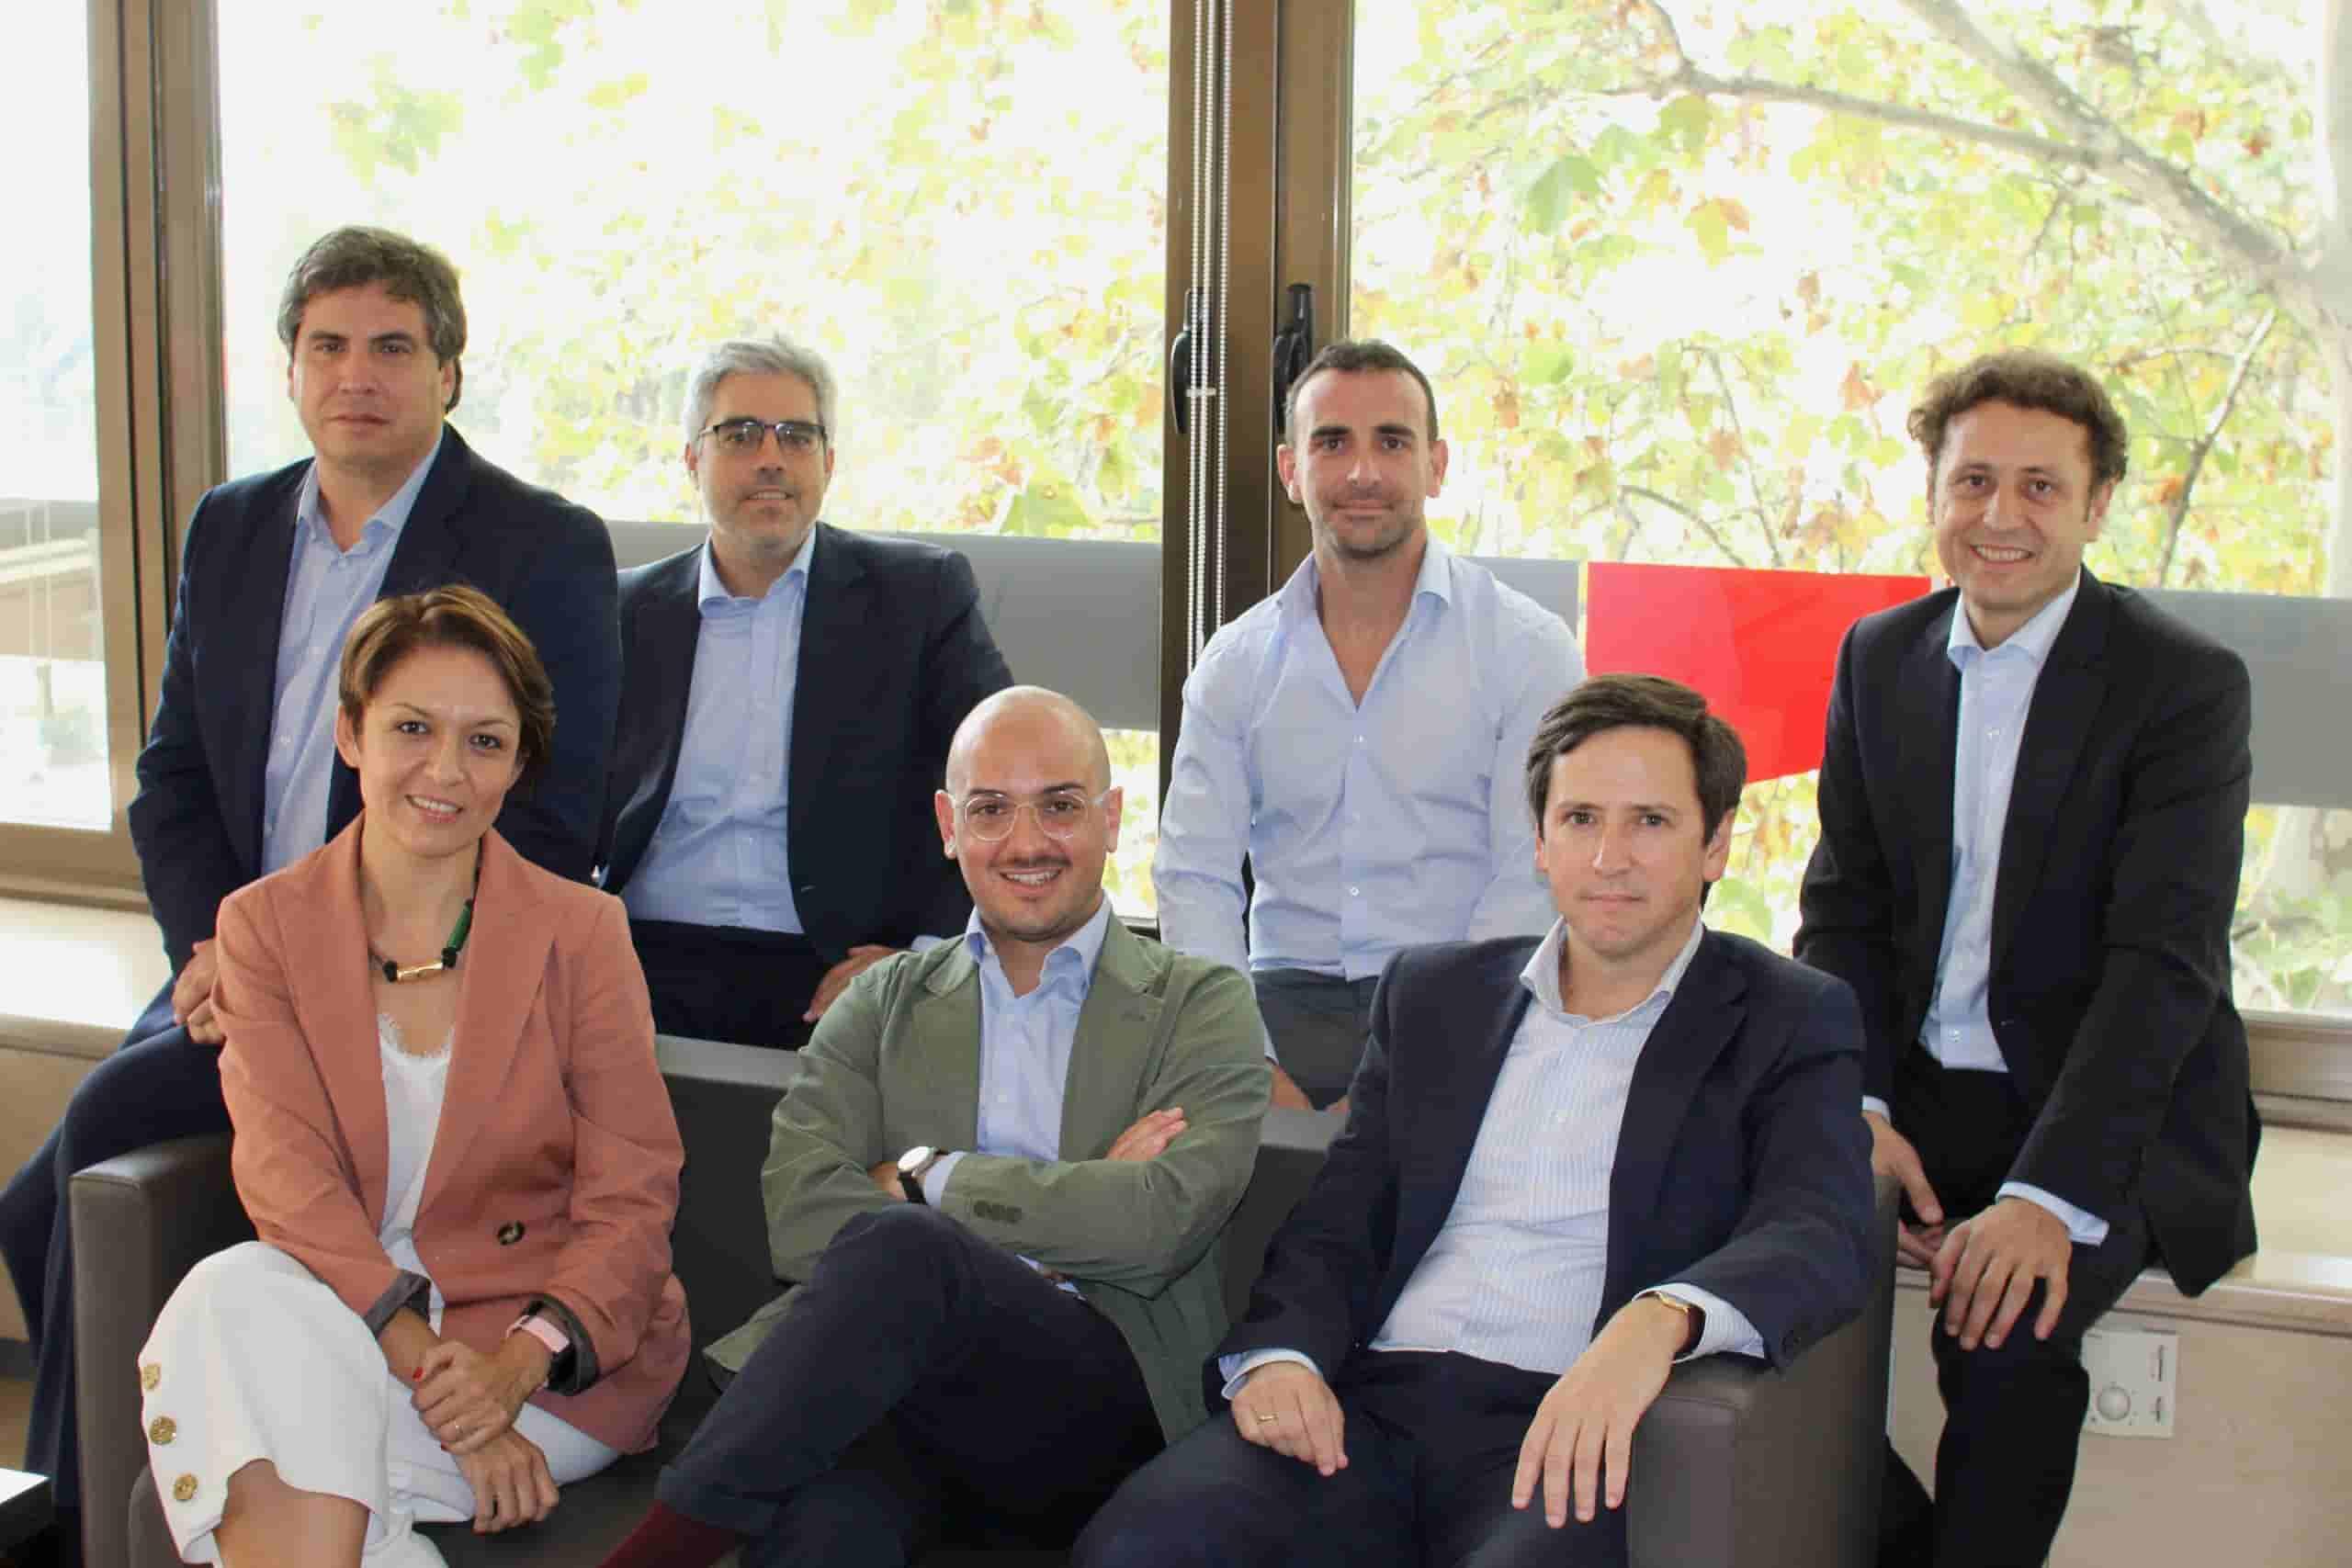 El Referente entrevista a Luis Latasa en relación a nuestra Unidad de Startups